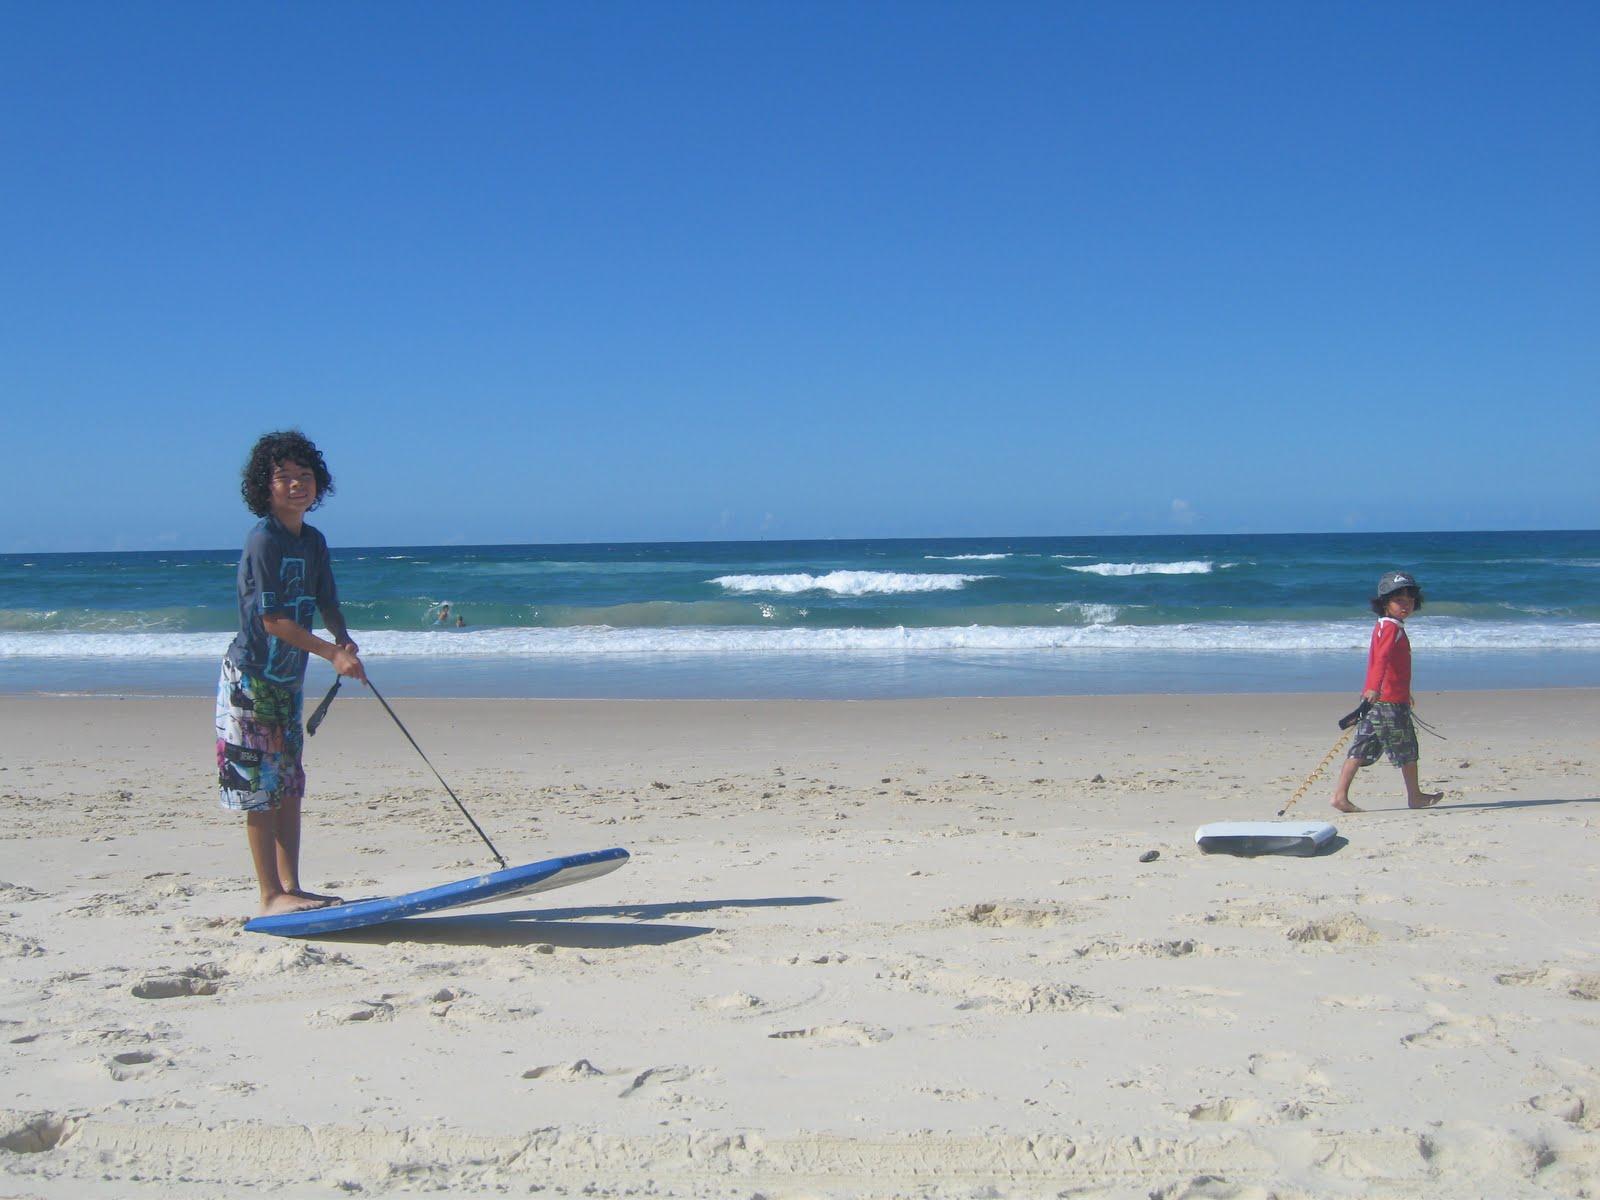 Australiaからの便り: 青い空、青い海。 Australiaか... Australia